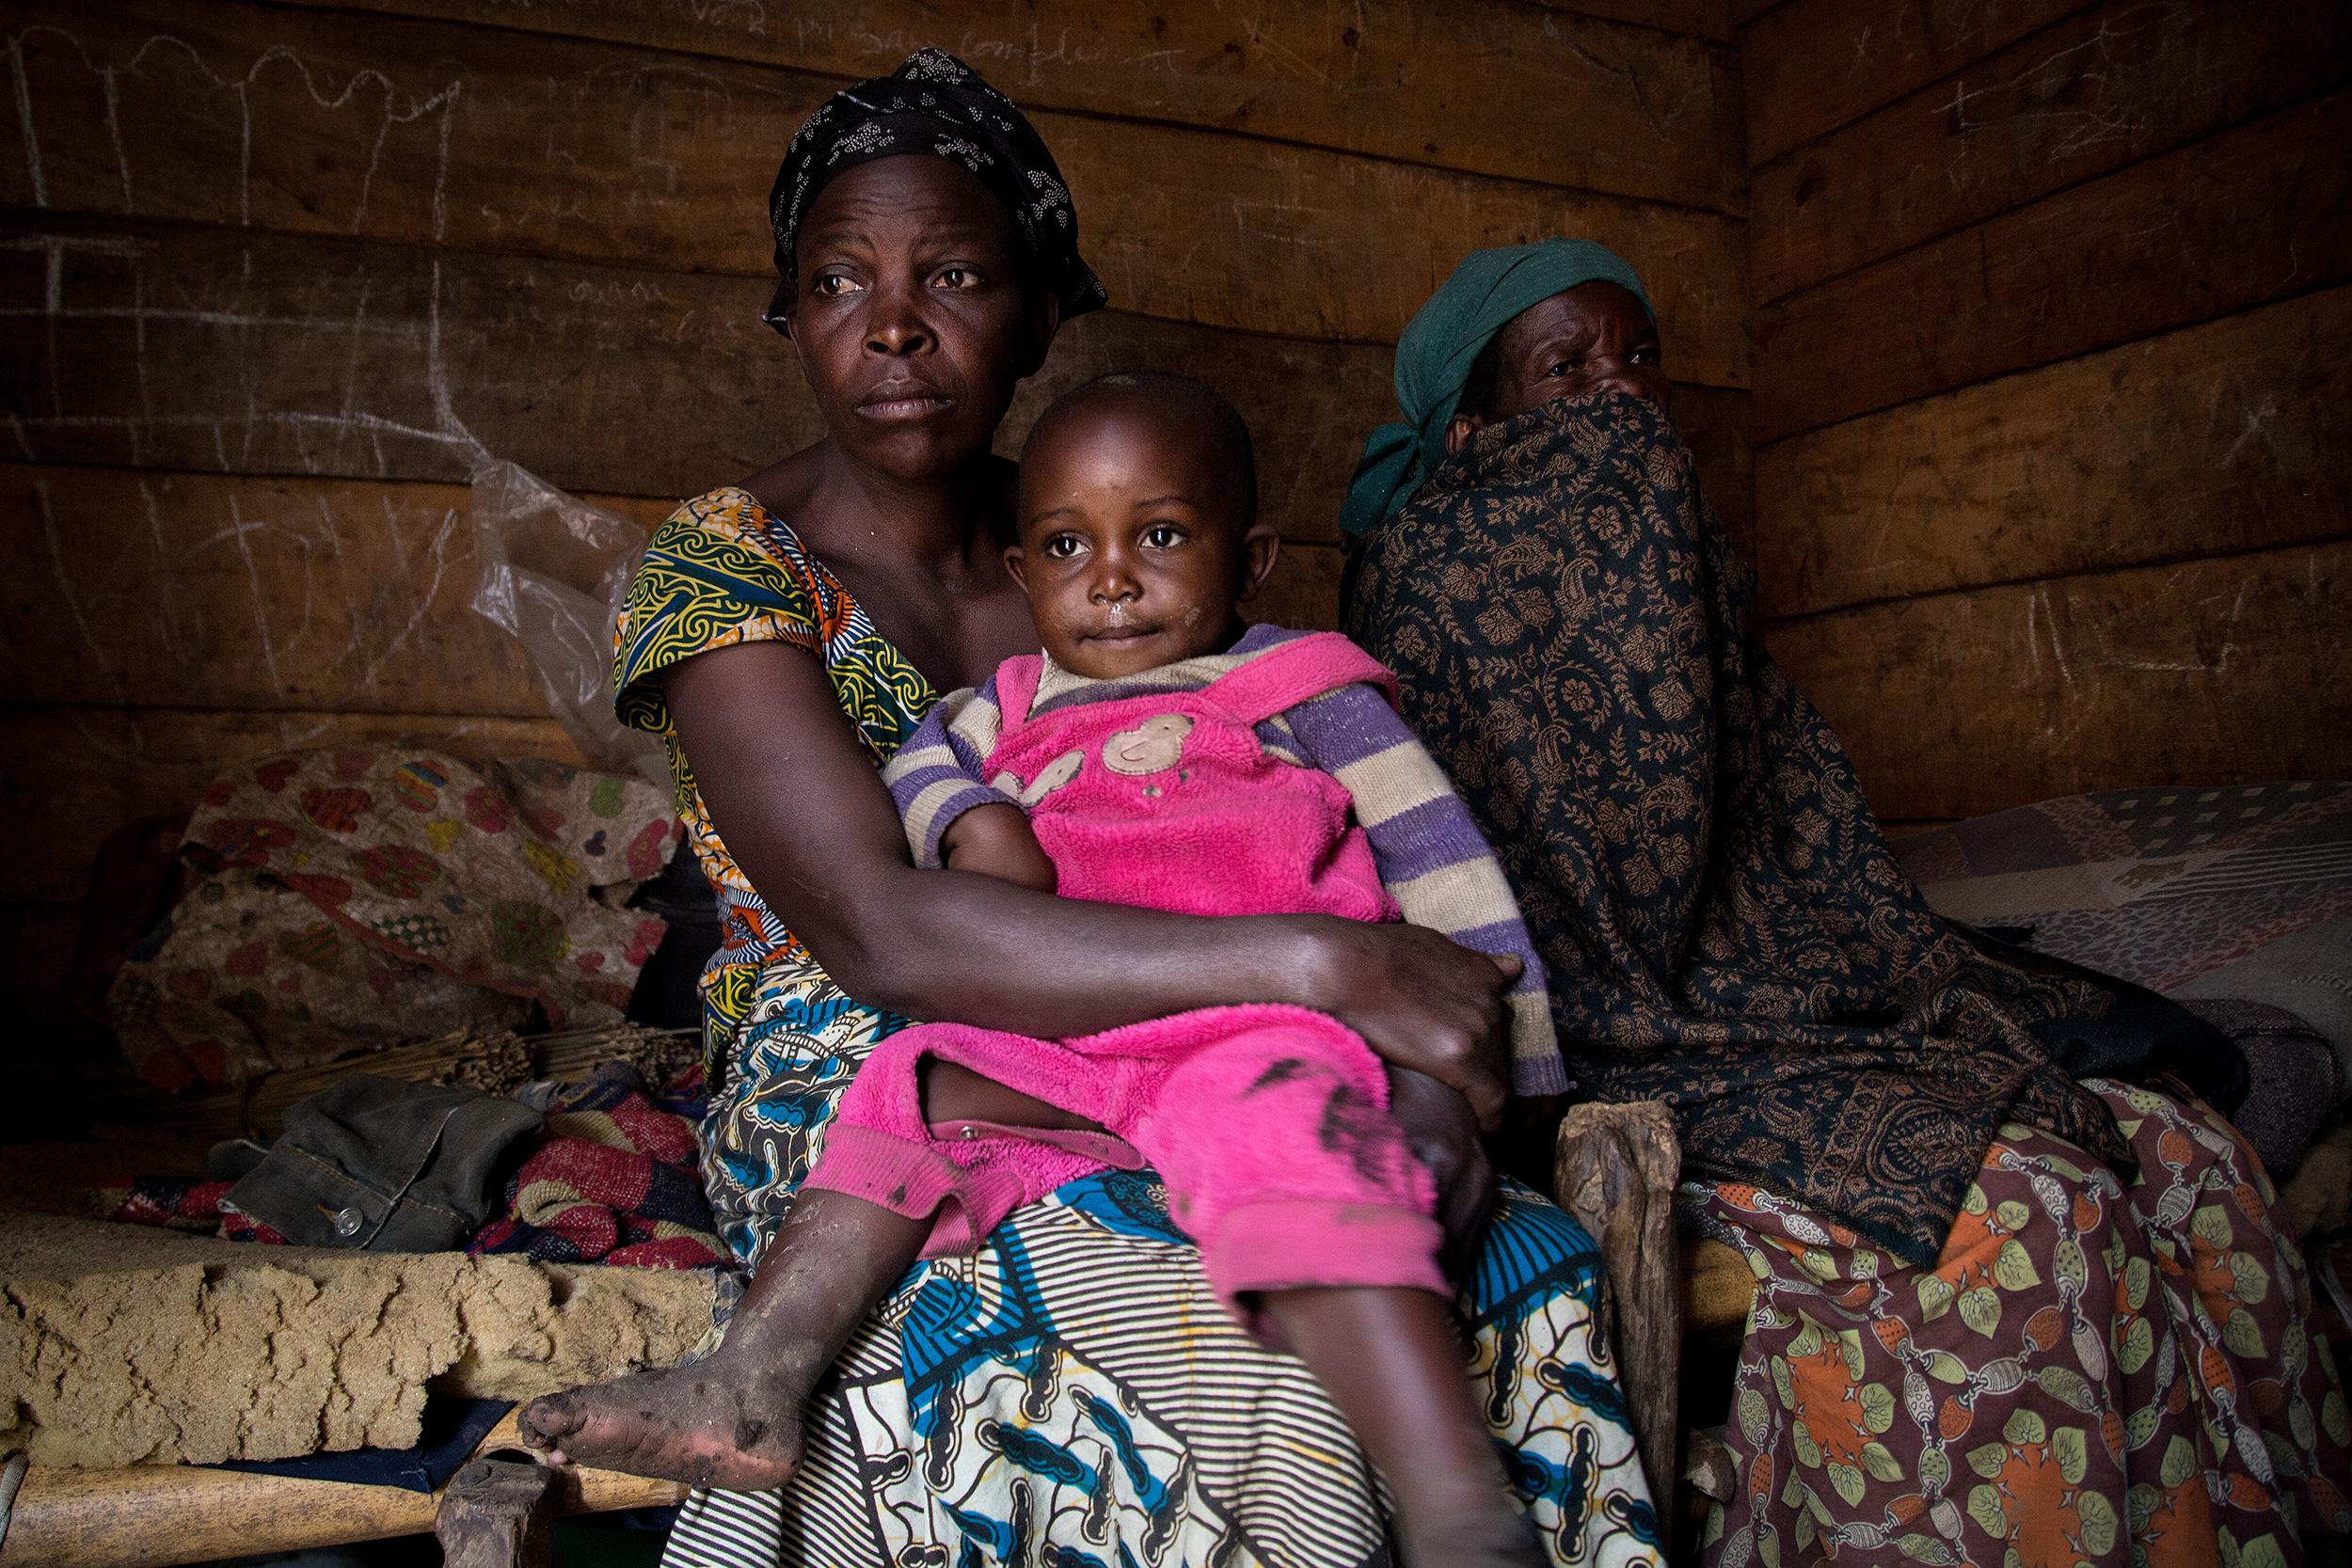 Loabauma con su hija pequeña en brazos, junto a una anciana con el rostro tapado, posan sentadas sobre el jergón de su vivienda.